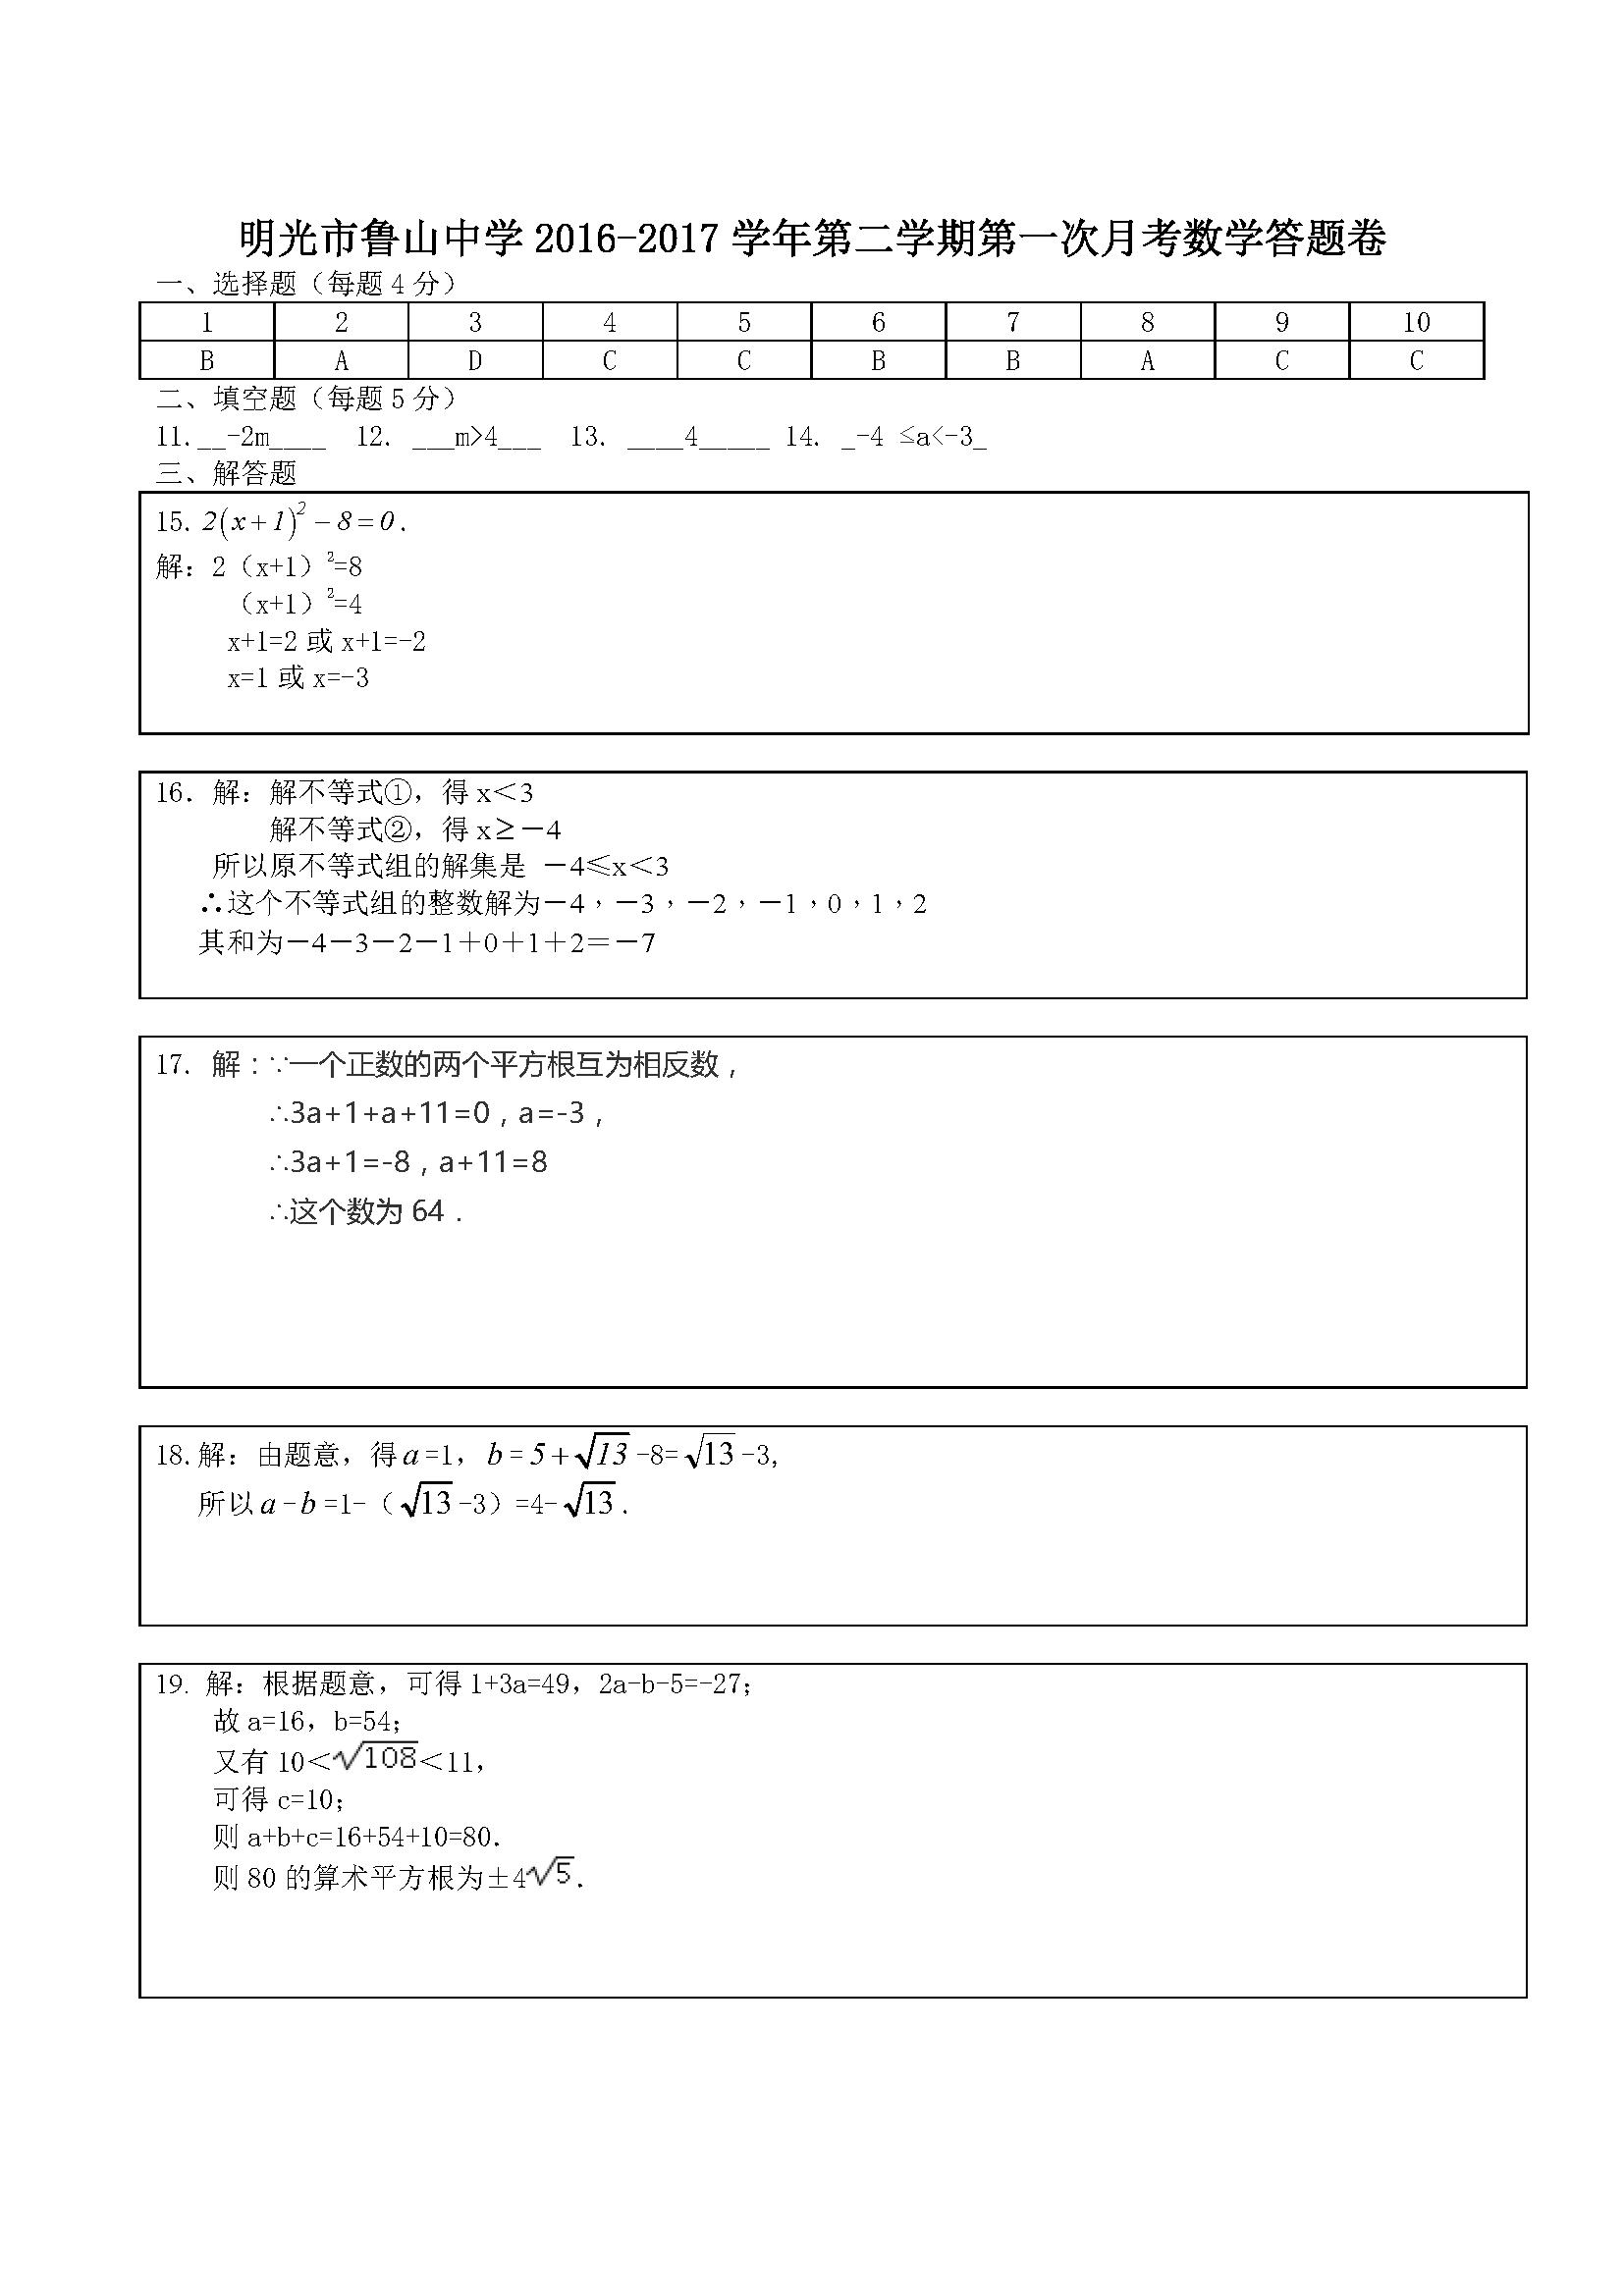 2017安徽明光鲁山中学度第二学期第一次月考七年级数学试卷答案(Word版)